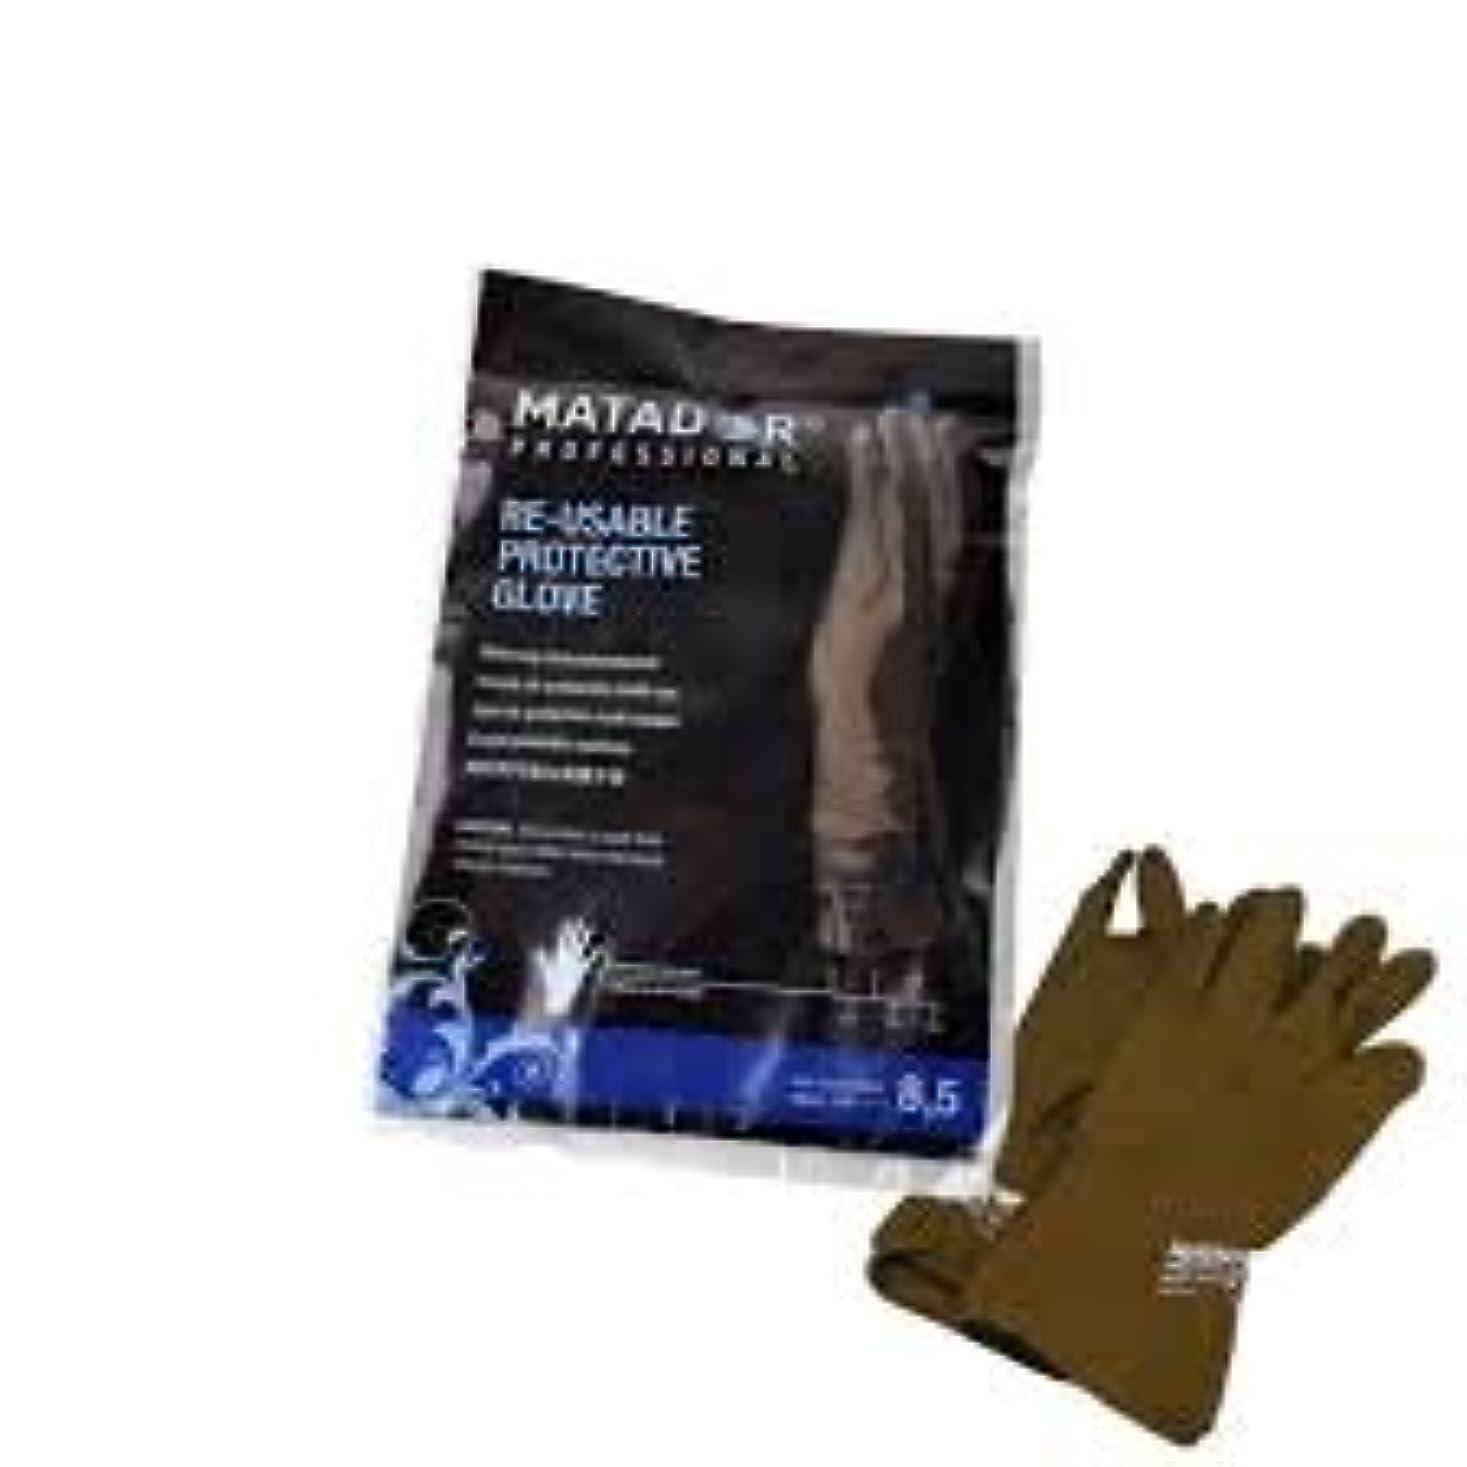 デンプシー原油計算するマタドールゴム手袋 8.5吋 【5個セット】